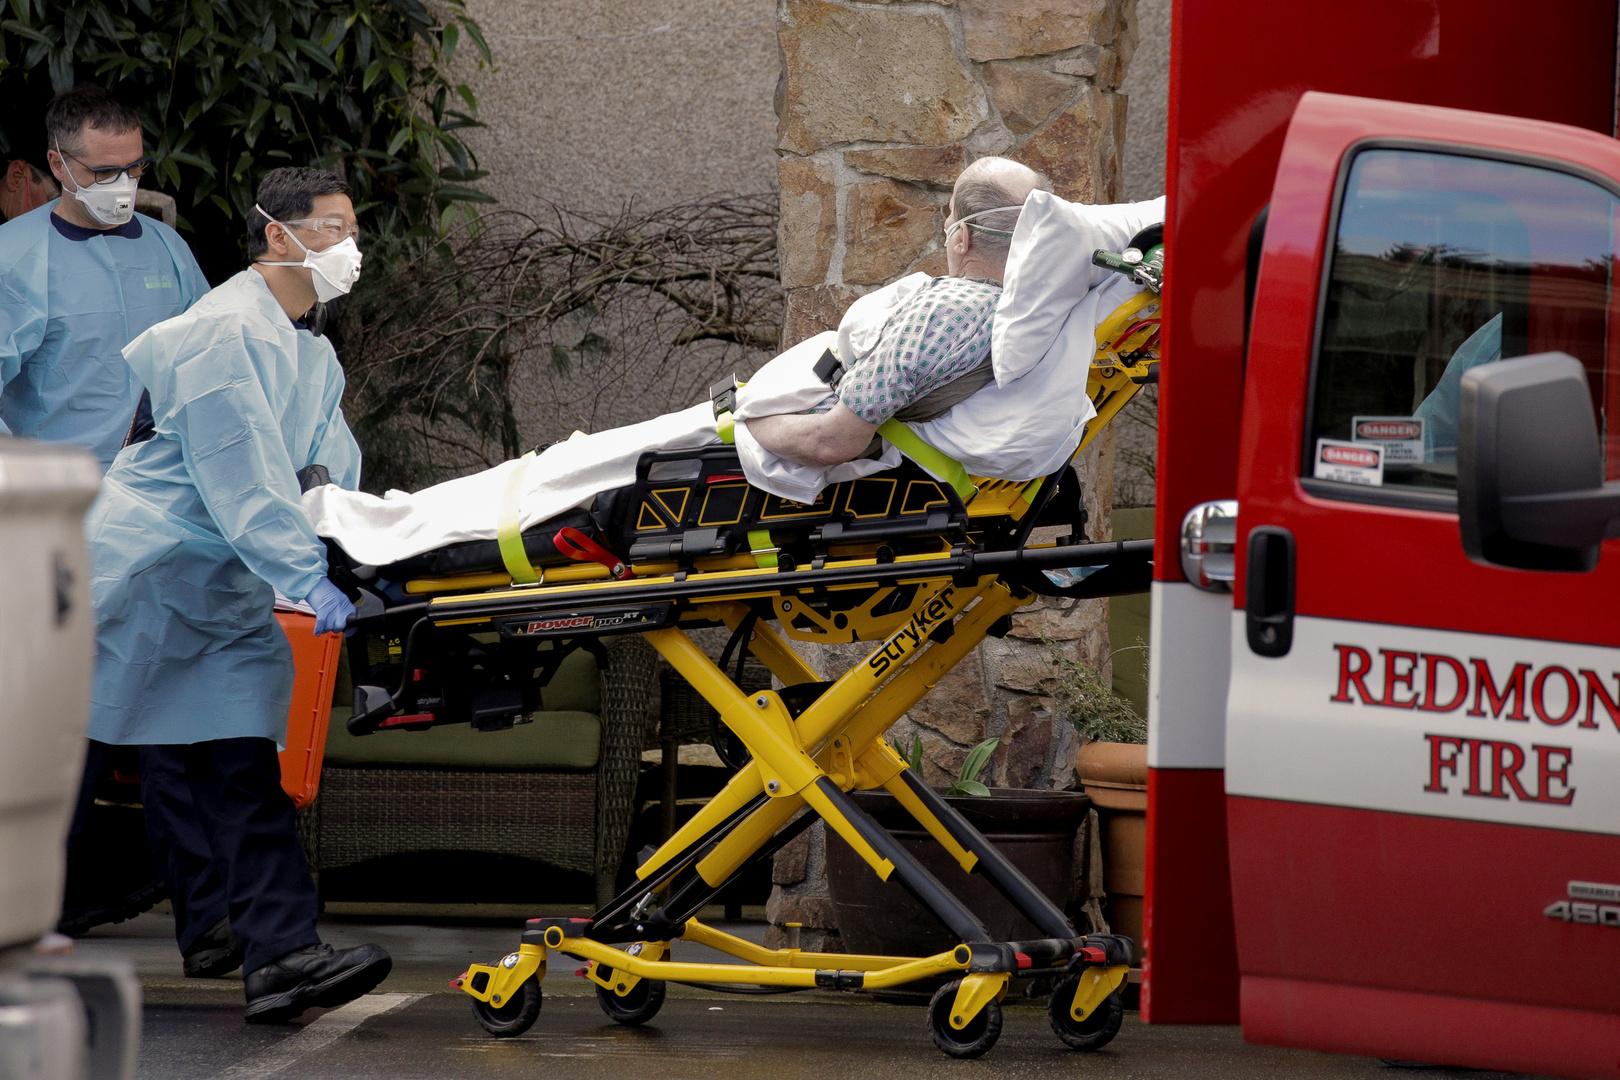 الولايات المتحدة: ارتفاع عدد المصابين بكورونا إلى 27 توفي منهم 9 أشخاص